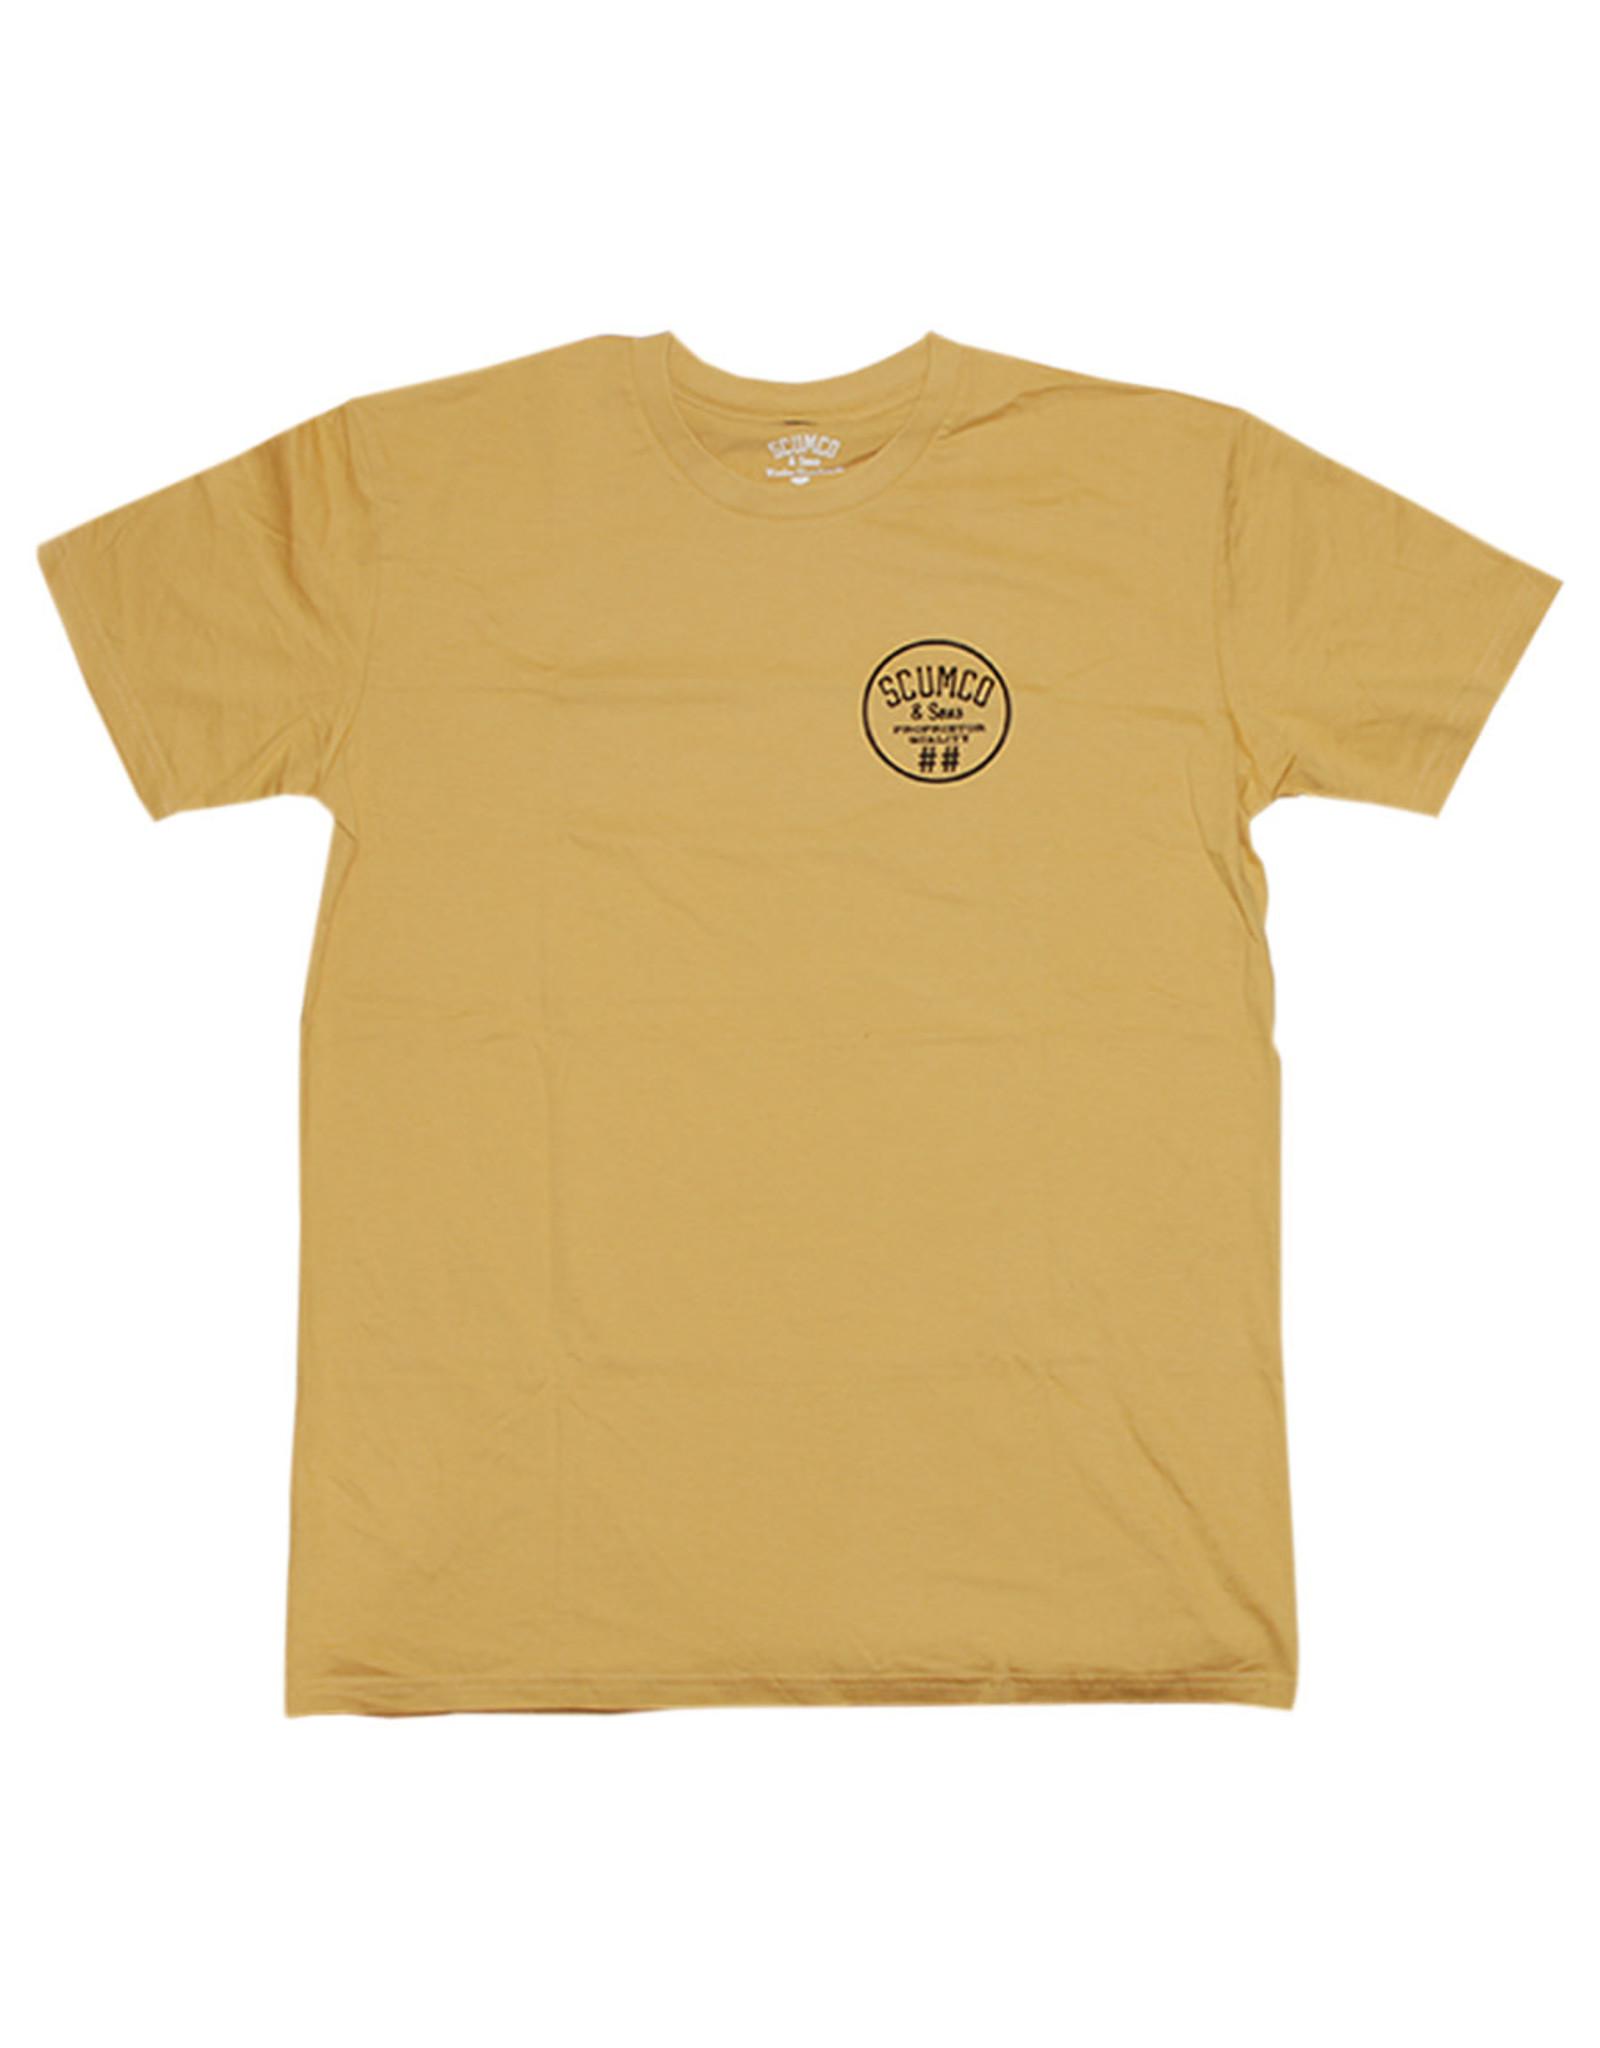 Scumco & Sons Scumco & Sons Propietor S/S Tee (Gold)